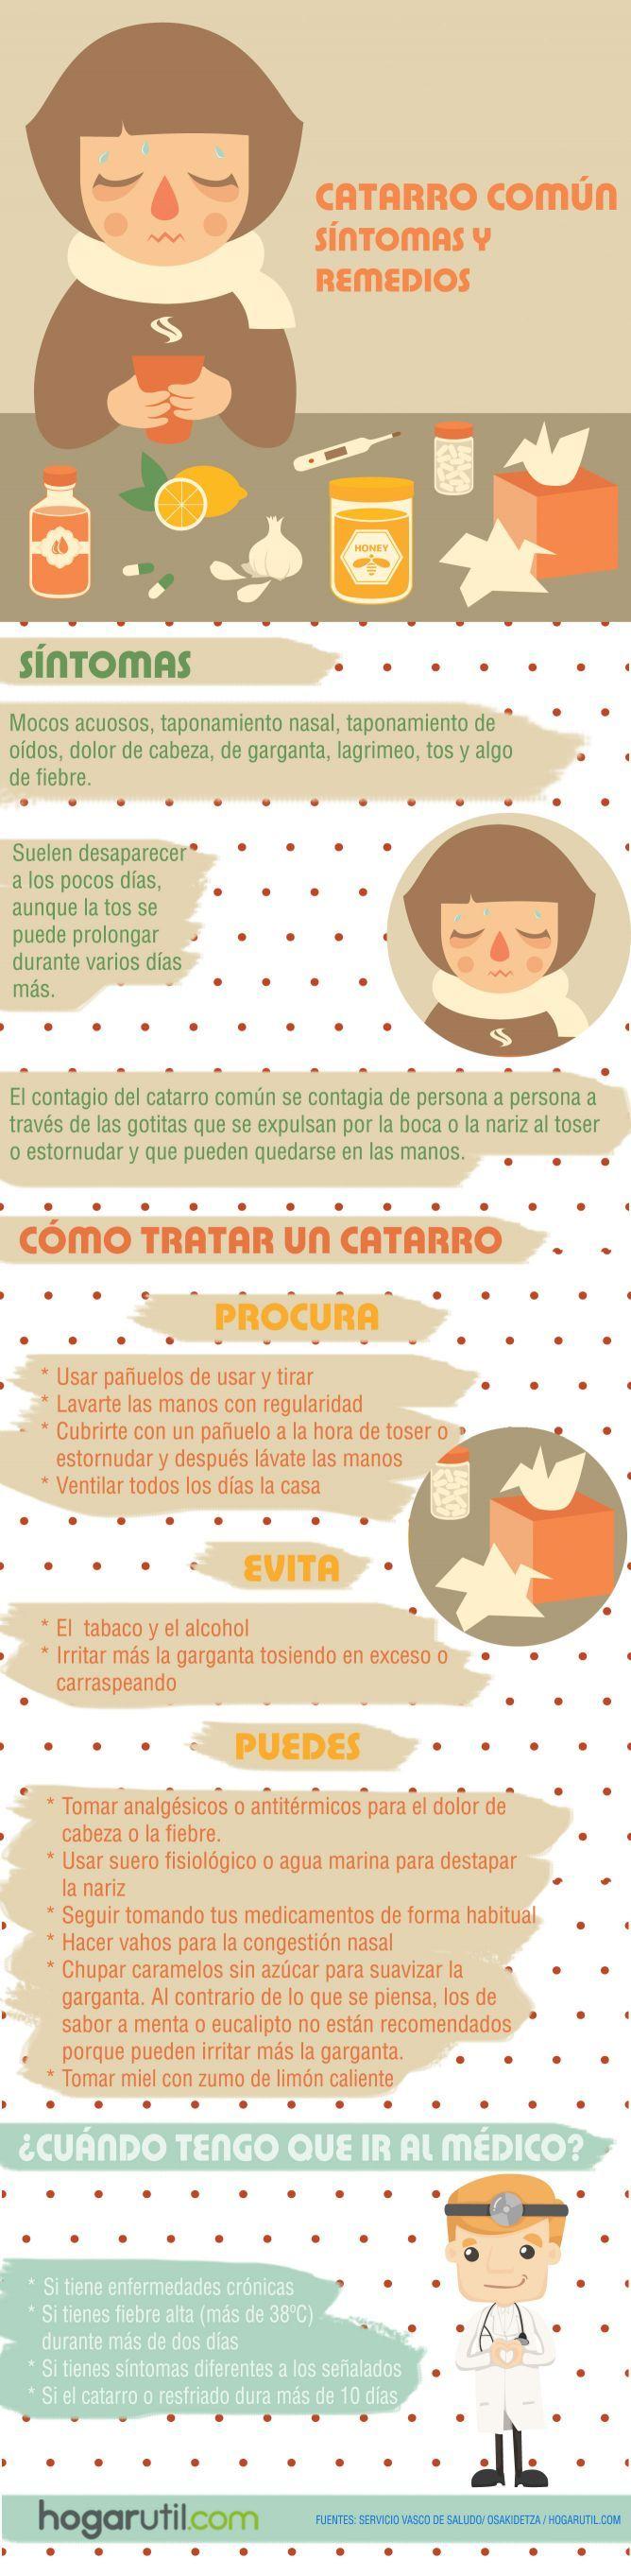 Infografía sobre el catarro común